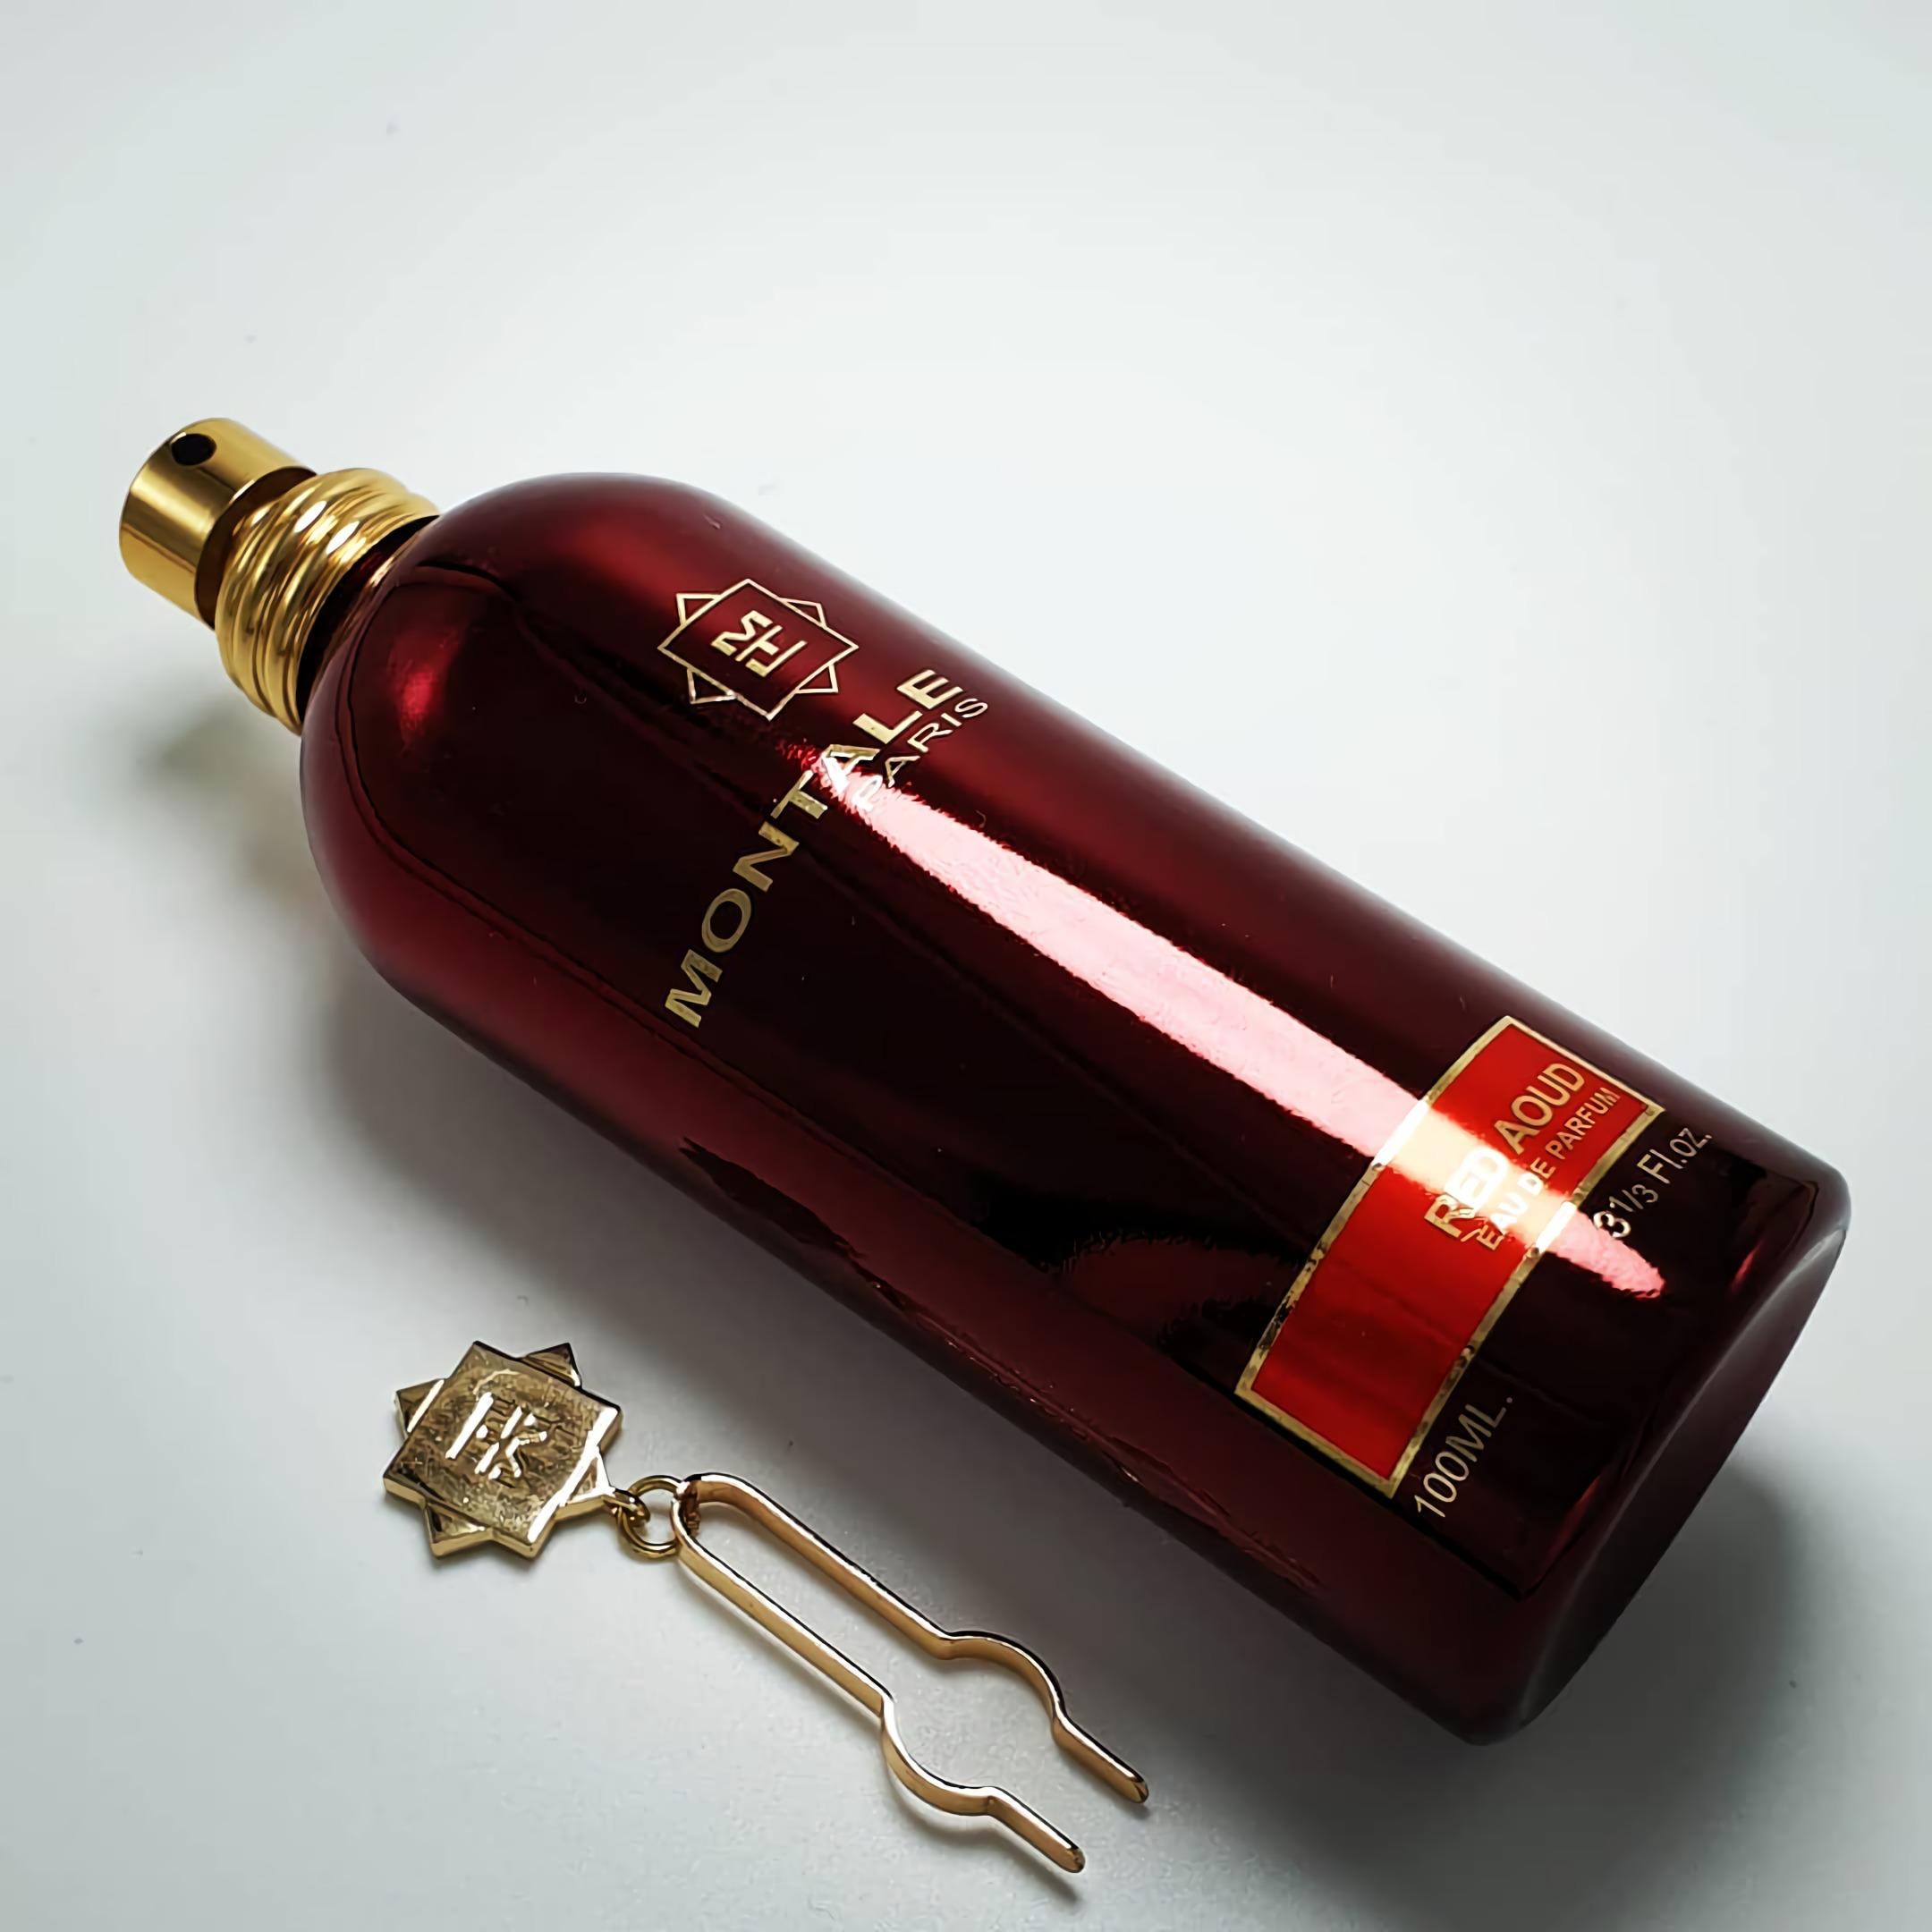 парфюмерная вода с запахом розы Montale Red Aoud